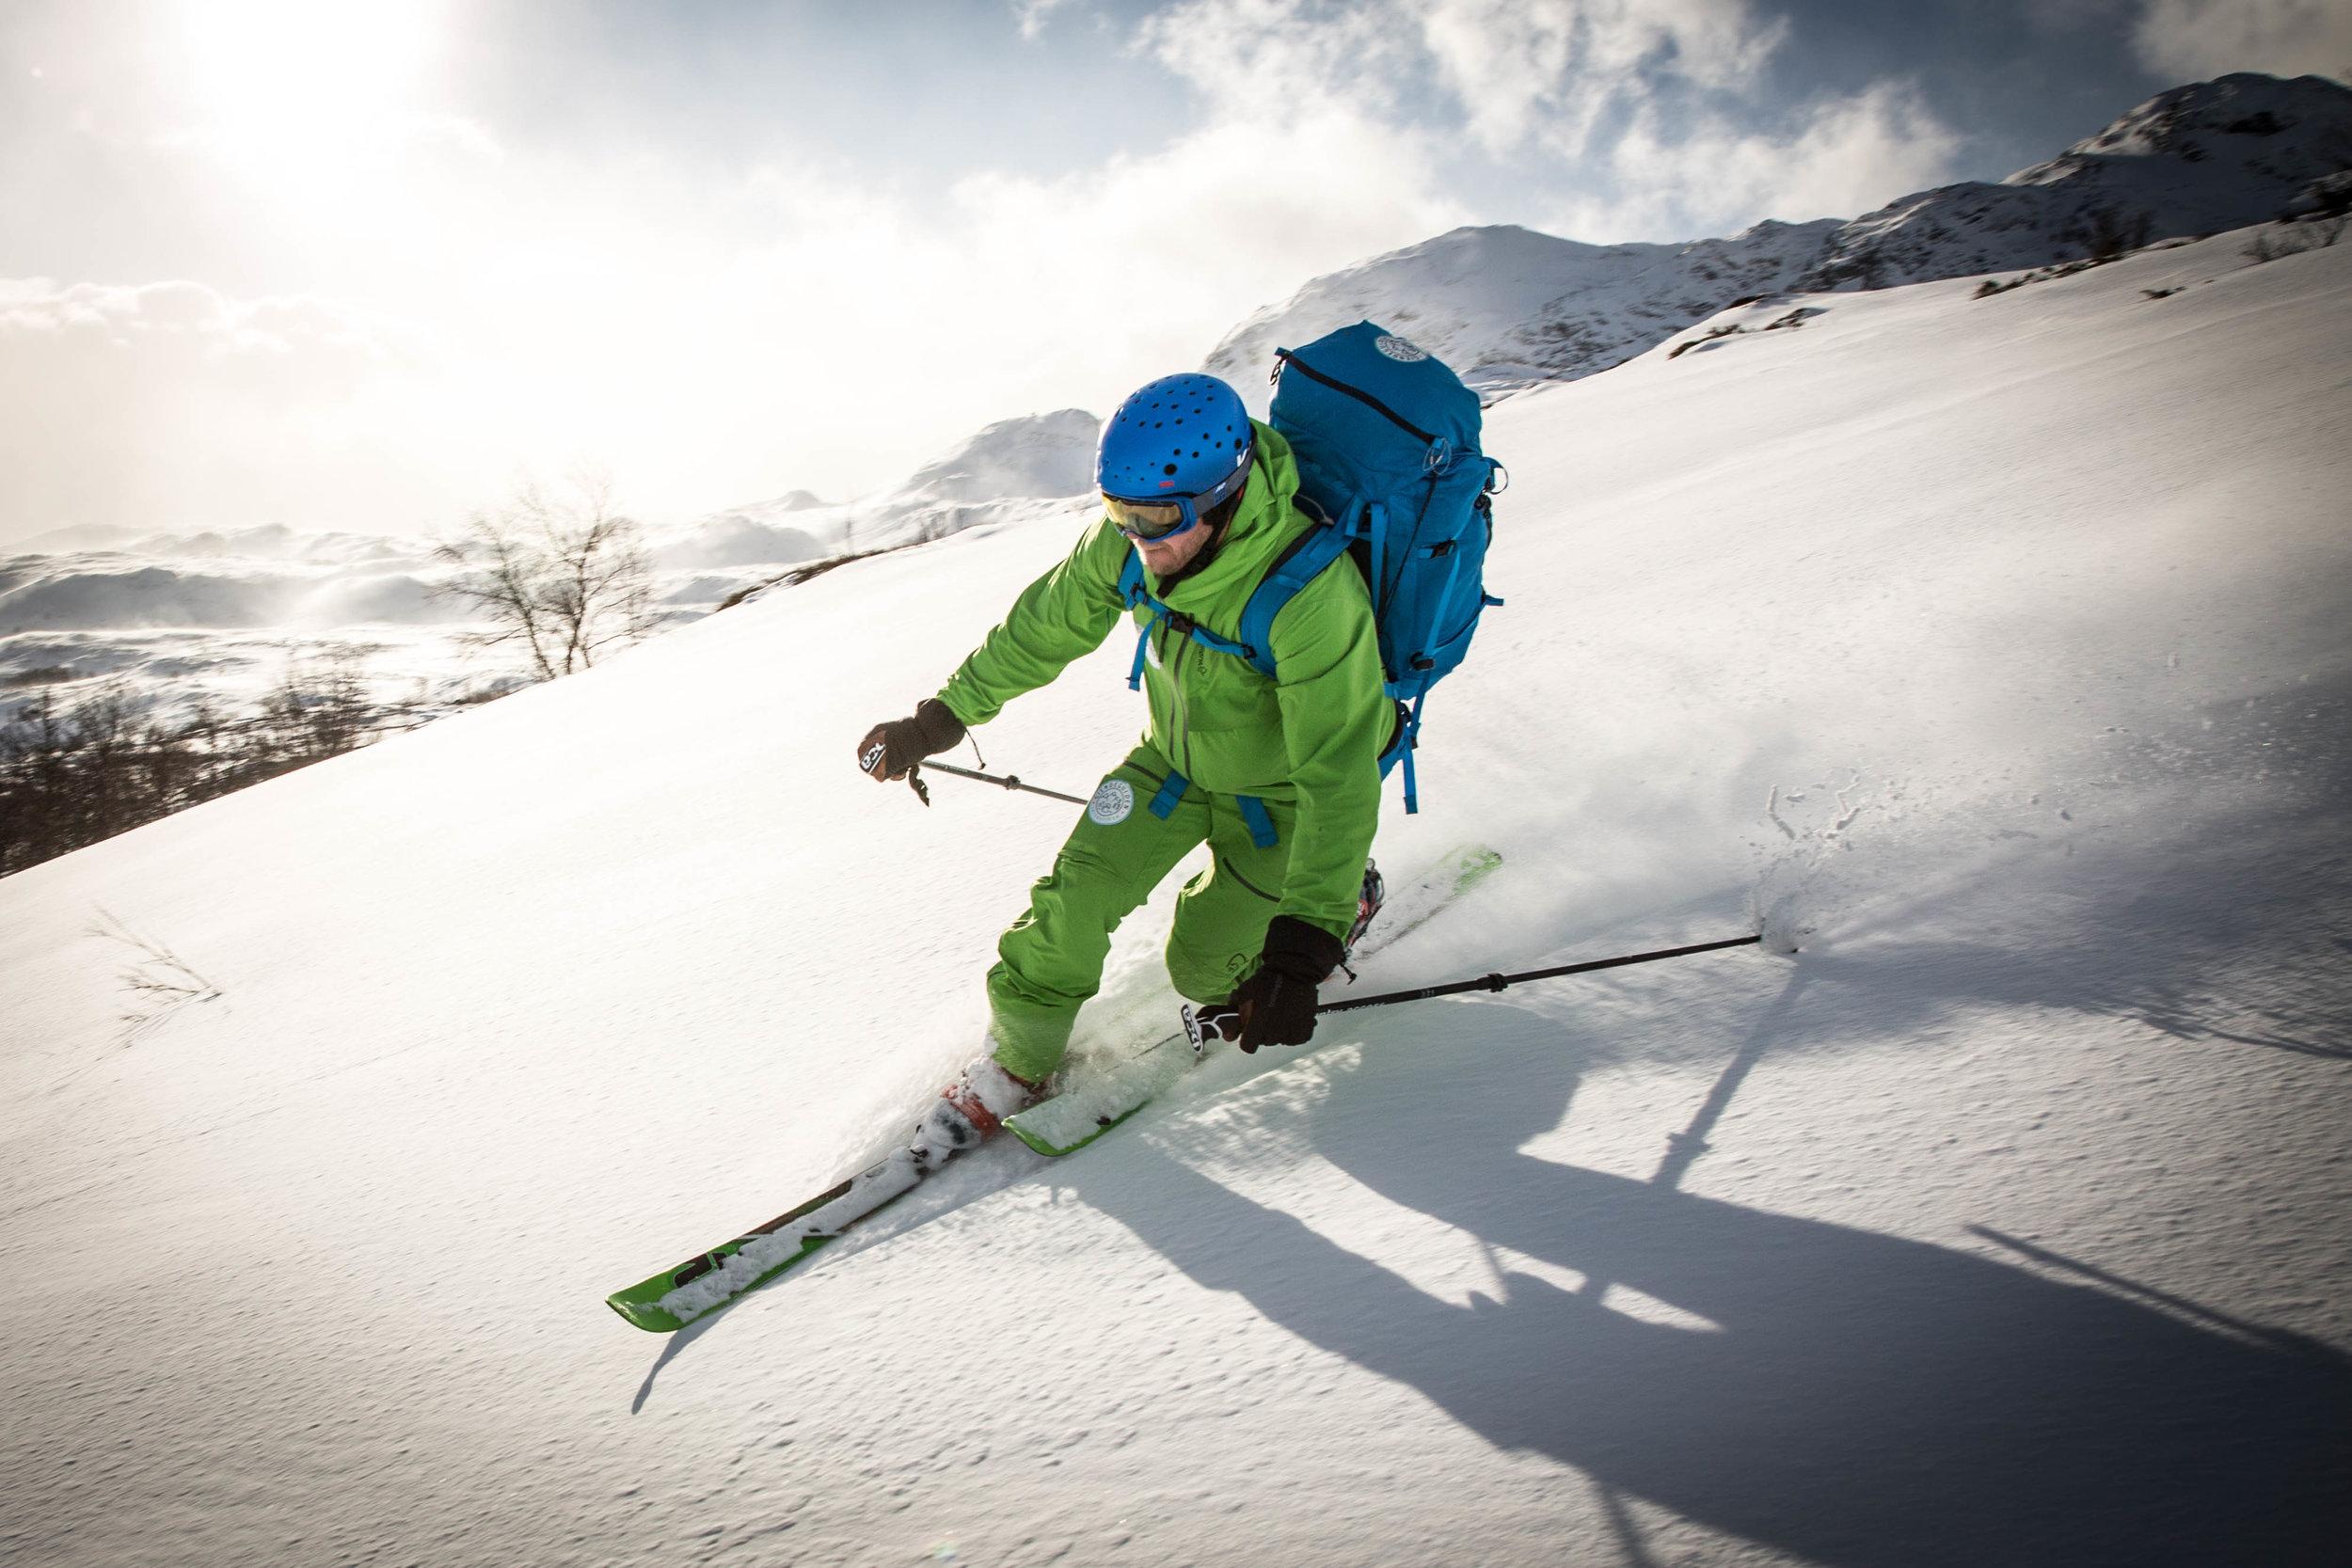 GJENDEGUIDEN tilbyr toppturkurs,skredkurs og skiturar i Jotunheimen. 6 gjester per vegleder. — Gjendeguiden. Your guide in Jotunheimen Nationalpark